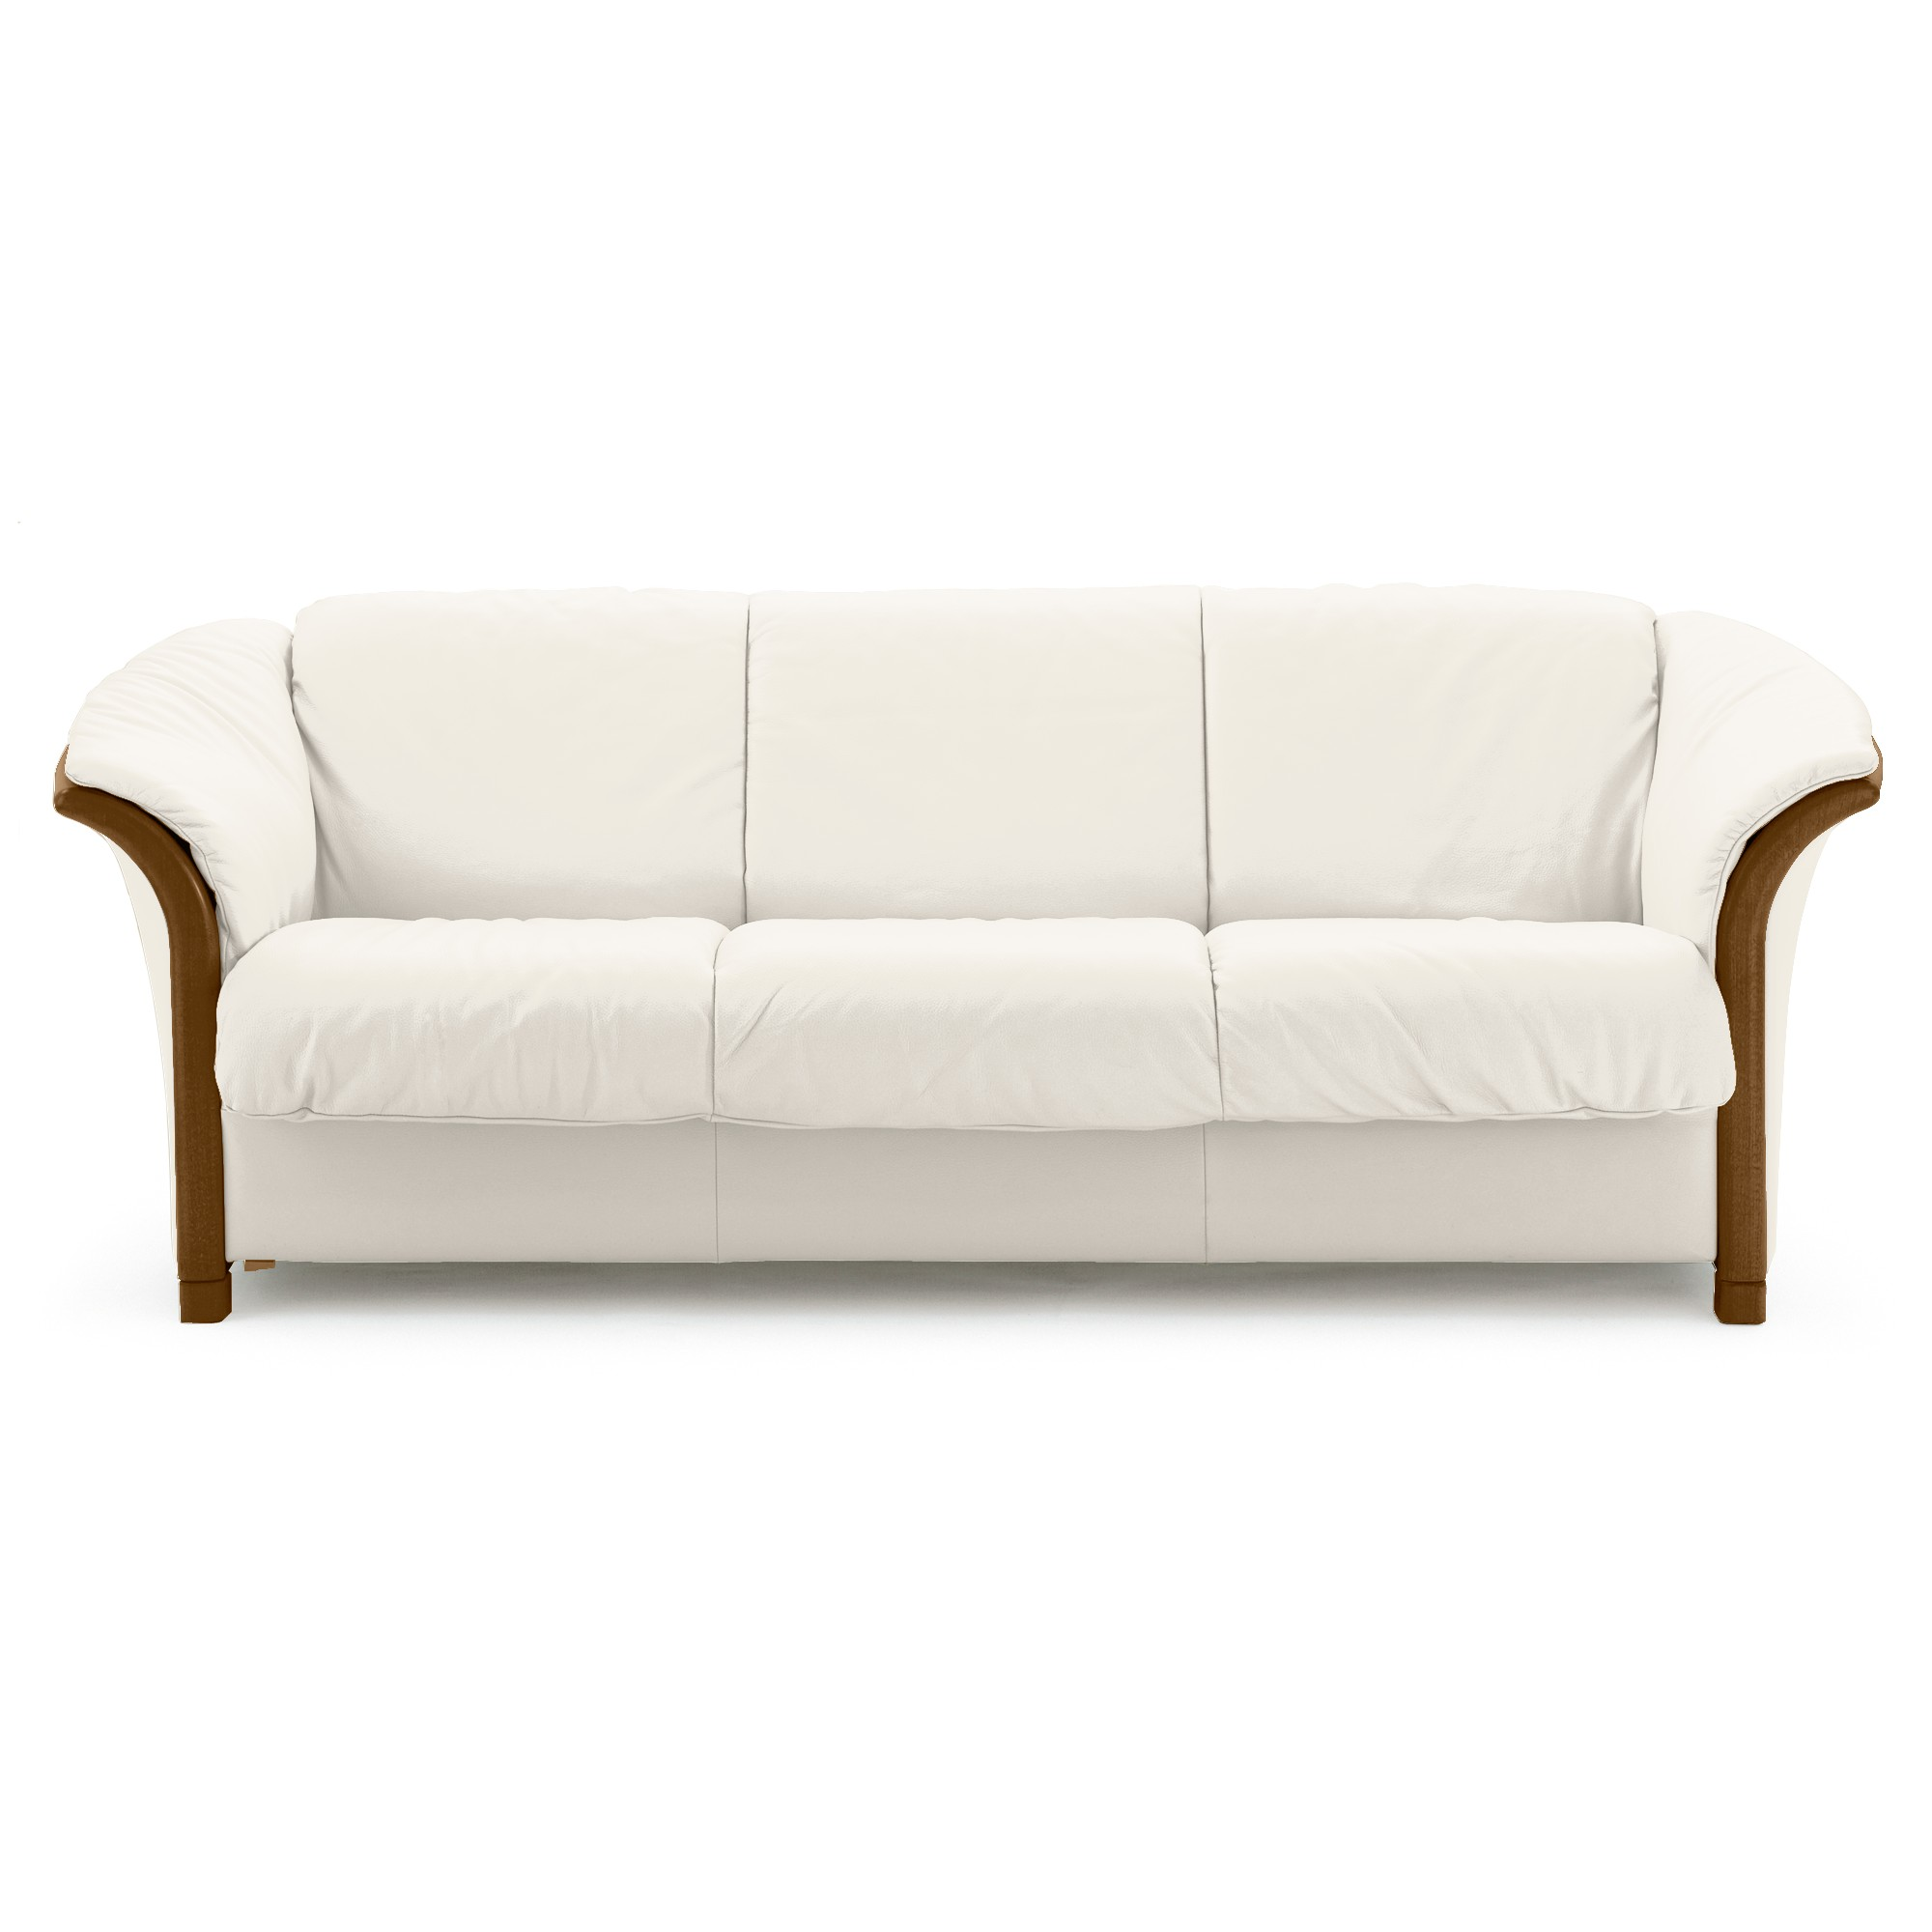 Manhattan Leather Sofa By Ekornes